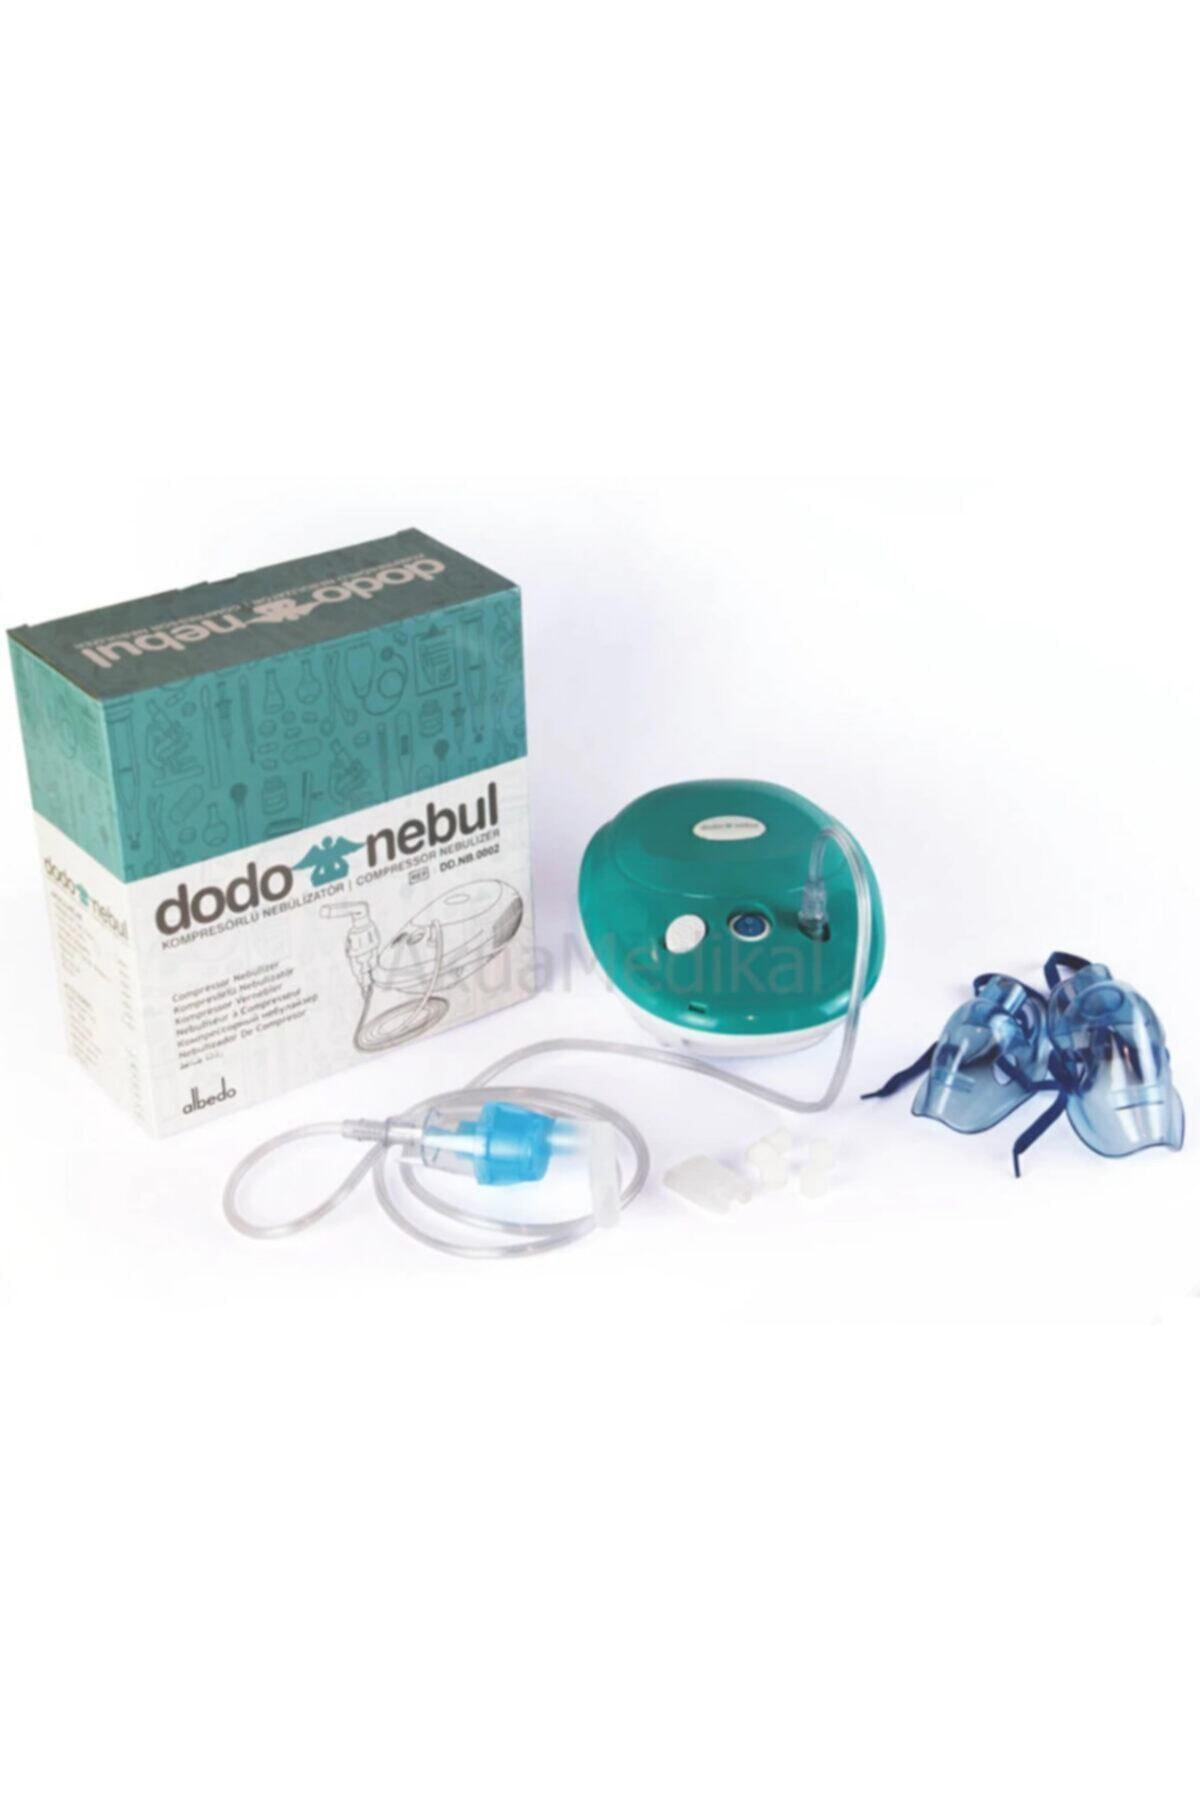 ALBEDO Dodo Kompresörlü Nebülizatör 1